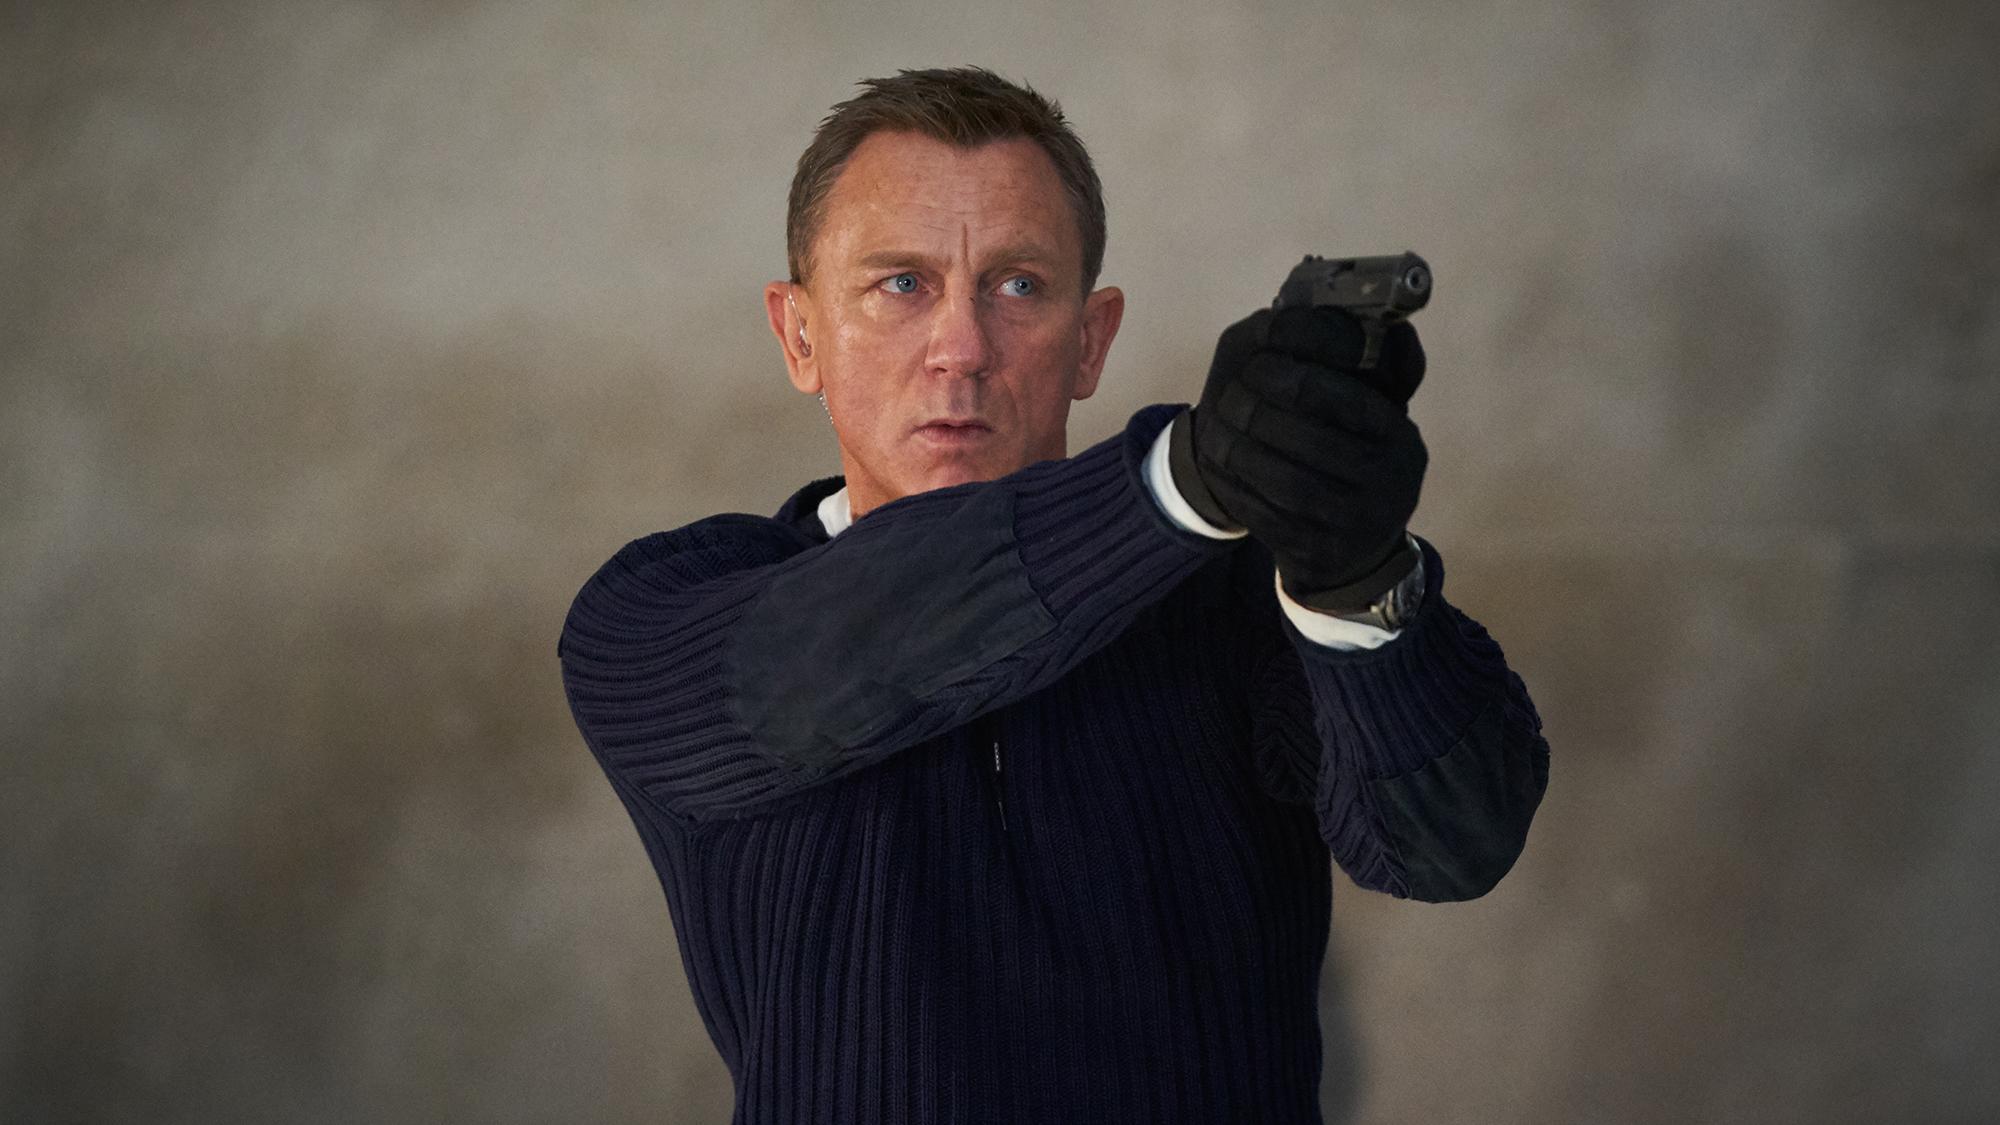 ค่ายหนังเจรจาให้ James Bond 007 No Time to Die  ภาคใหม่ล่าสุดให้กับสตรีมมิ่งแทนการฉายในโรง | LCDTVTHAILAND